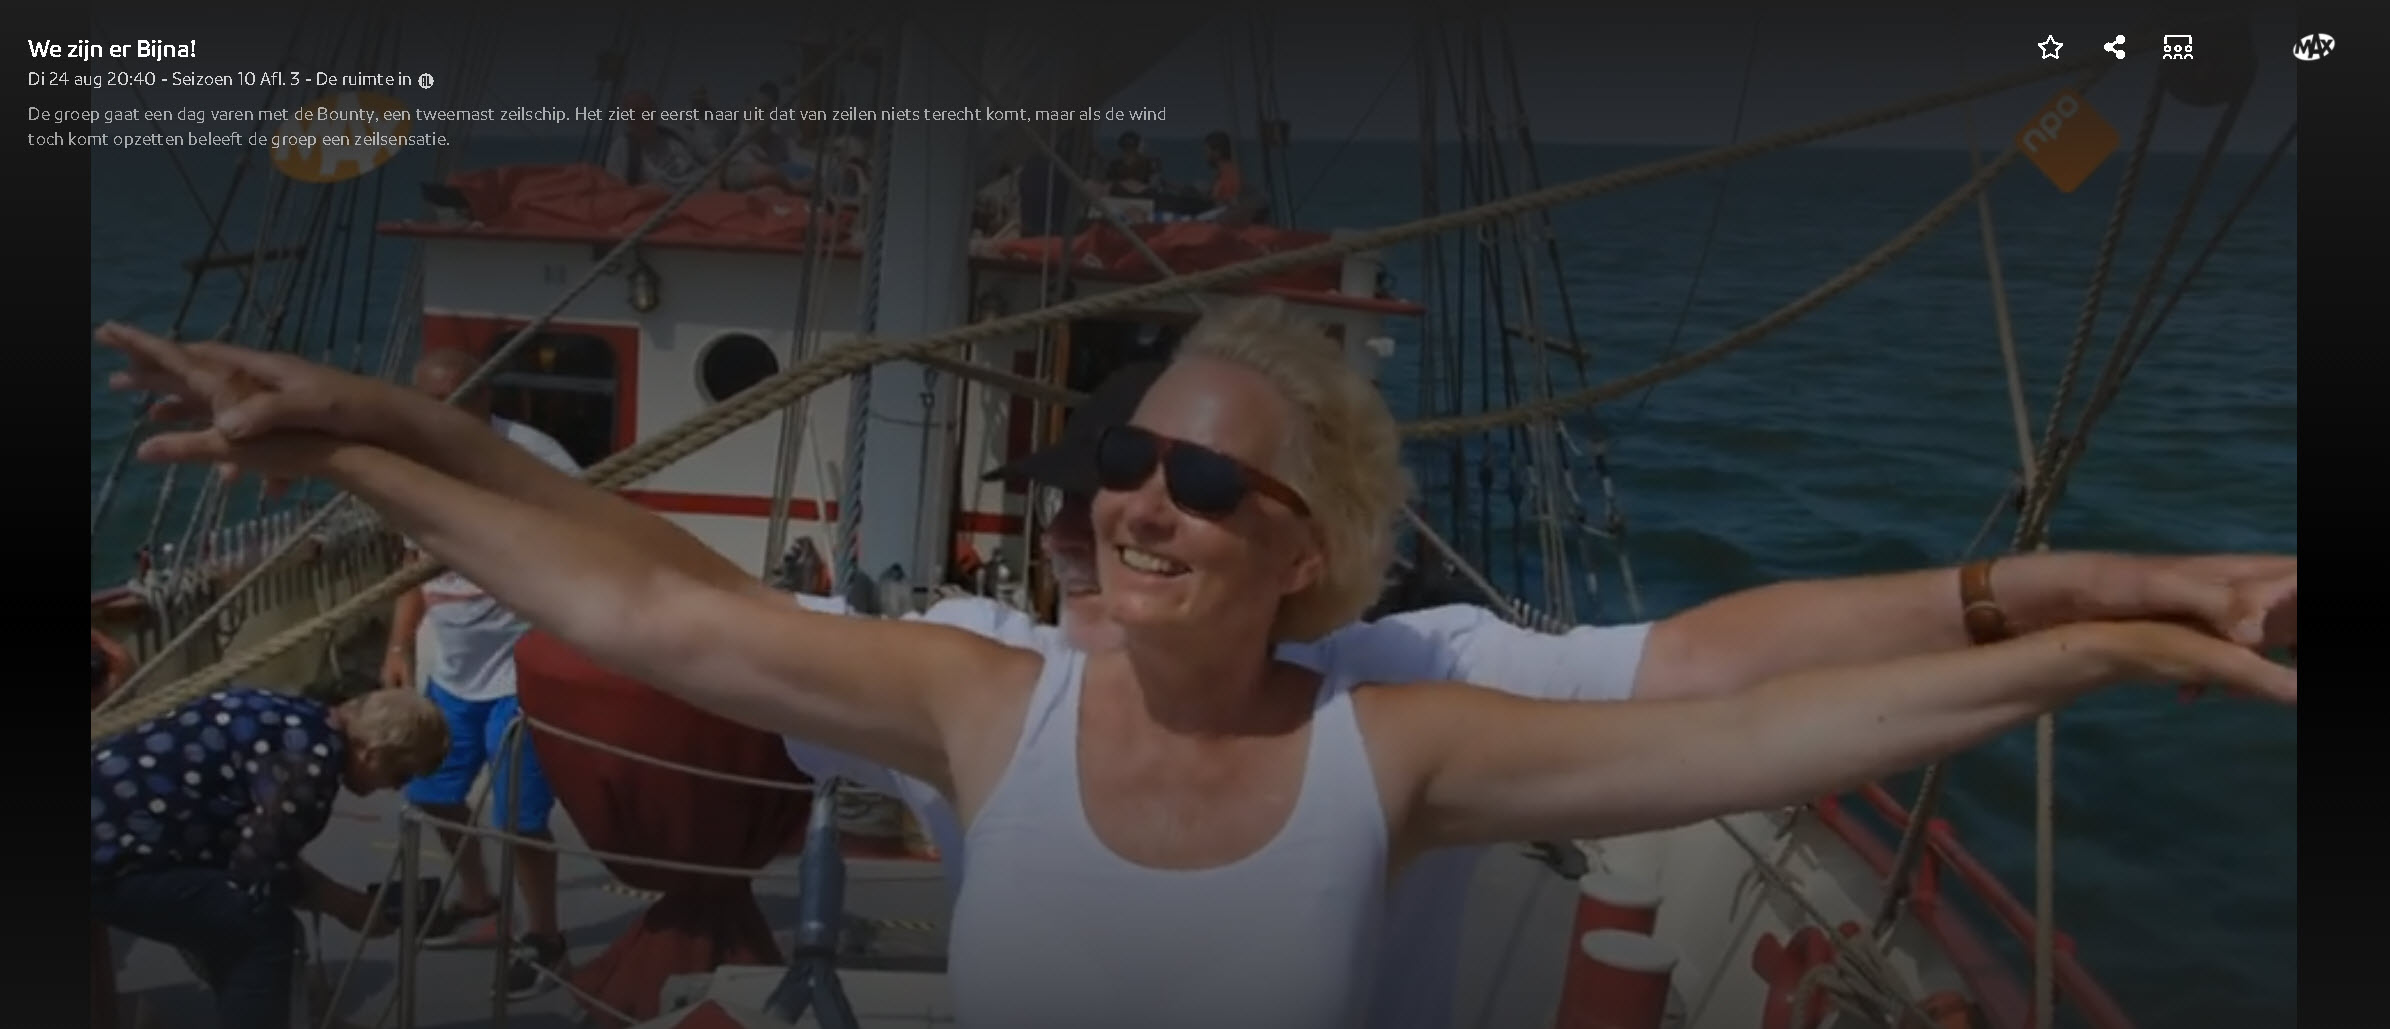 TV-uitzending-zeilschip-Bounty-We-zijn-er-bijna-7